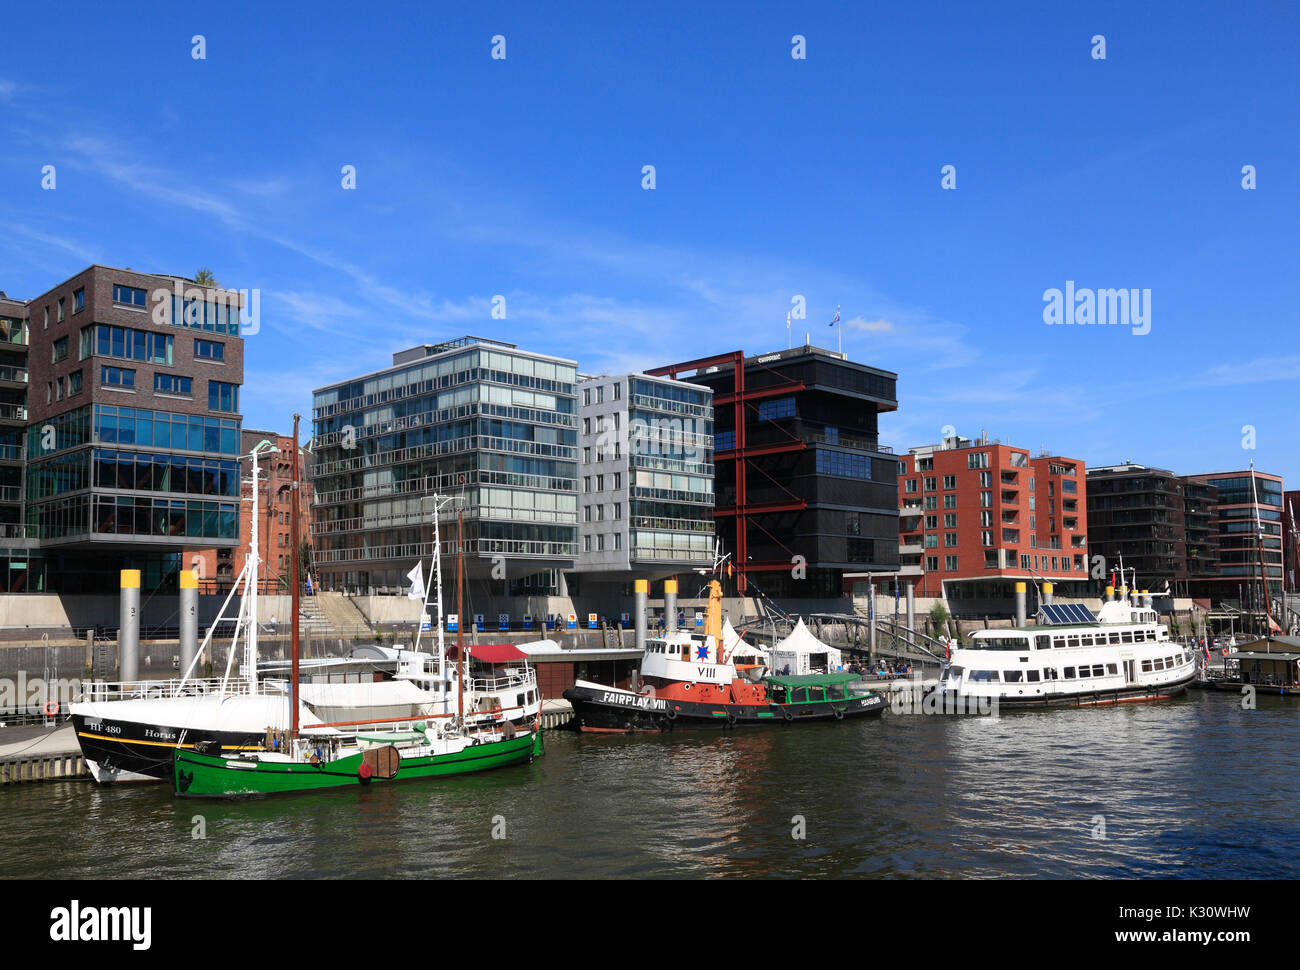 Hafencity, Hamburg harbor, Germany, Europe - Stock Image